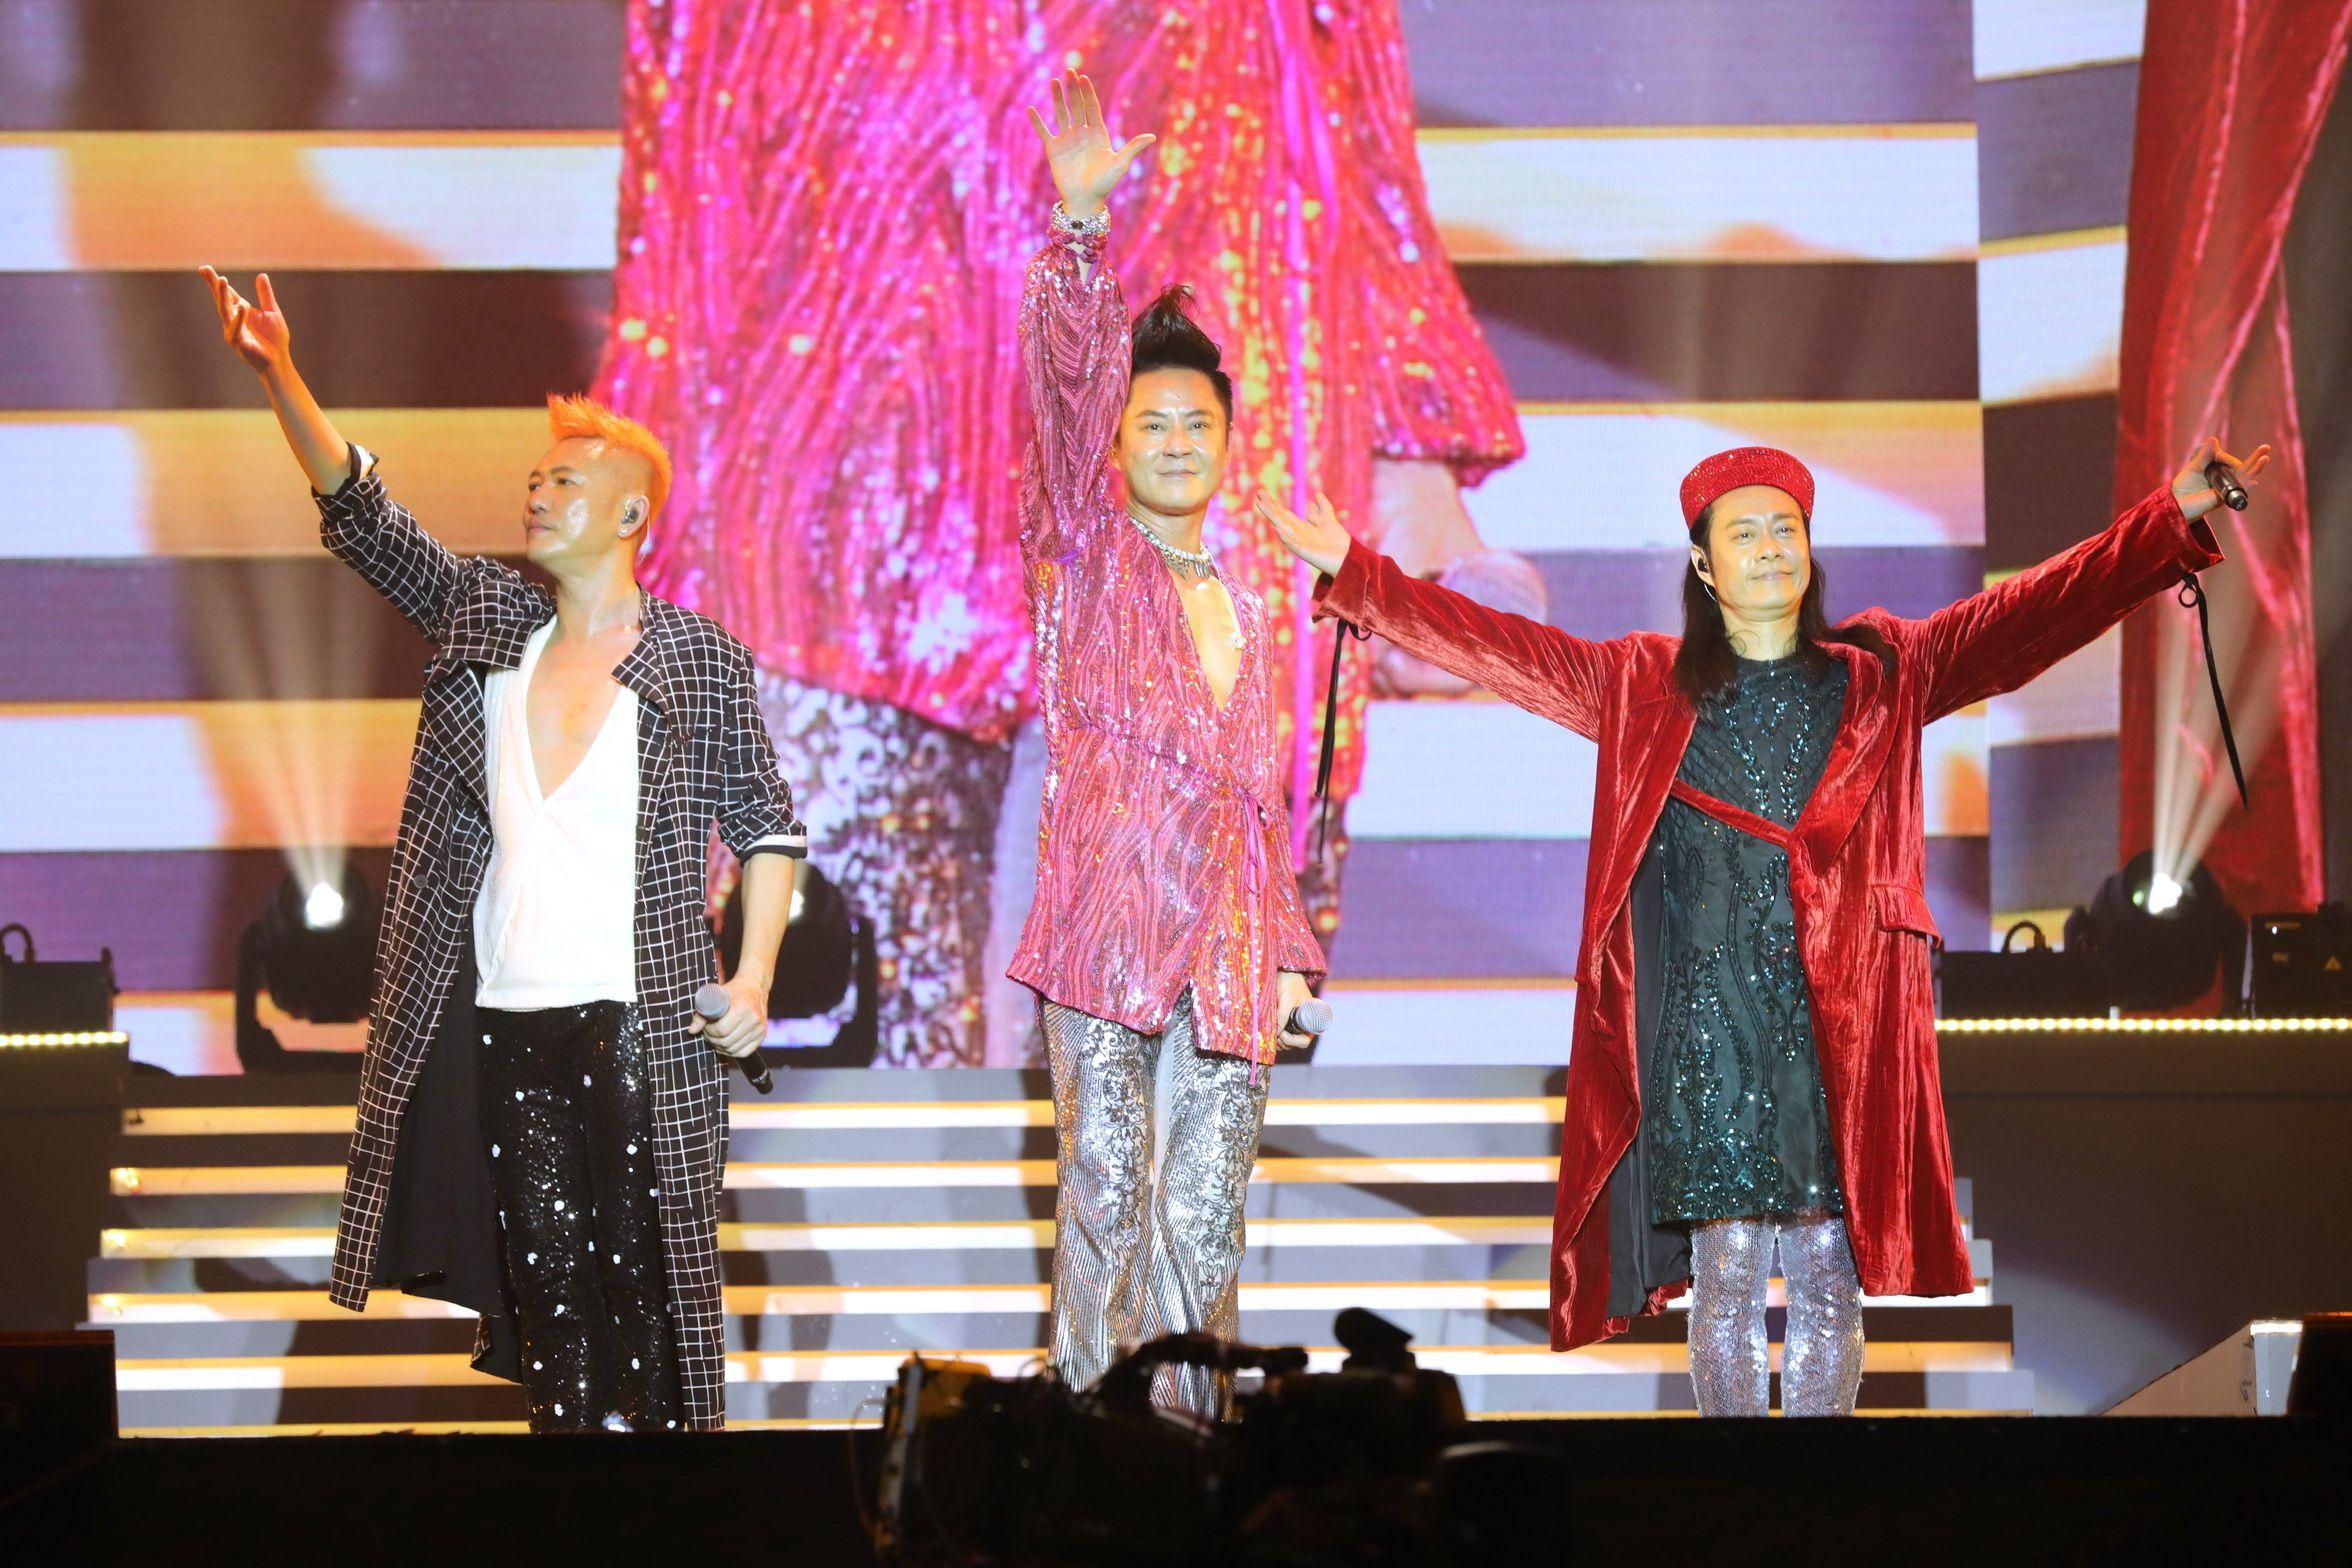 草蜢日前在澳門威尼斯人金光綜藝館舉行世界巡迴演唱會。